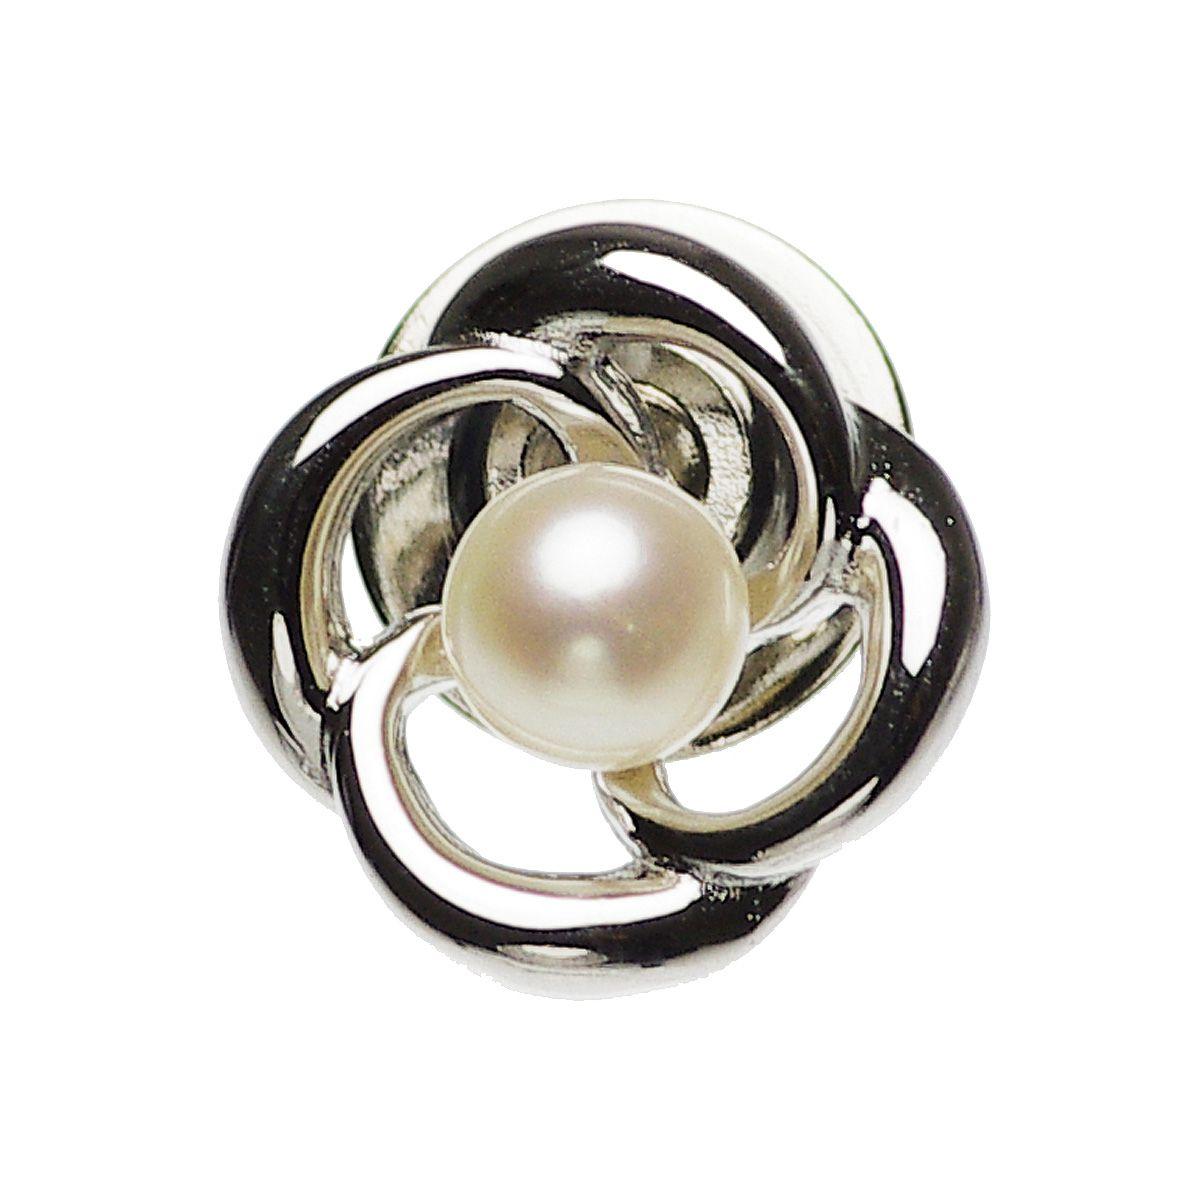 アコヤ真珠 パール ピンブローチ 約4.5mmの写真